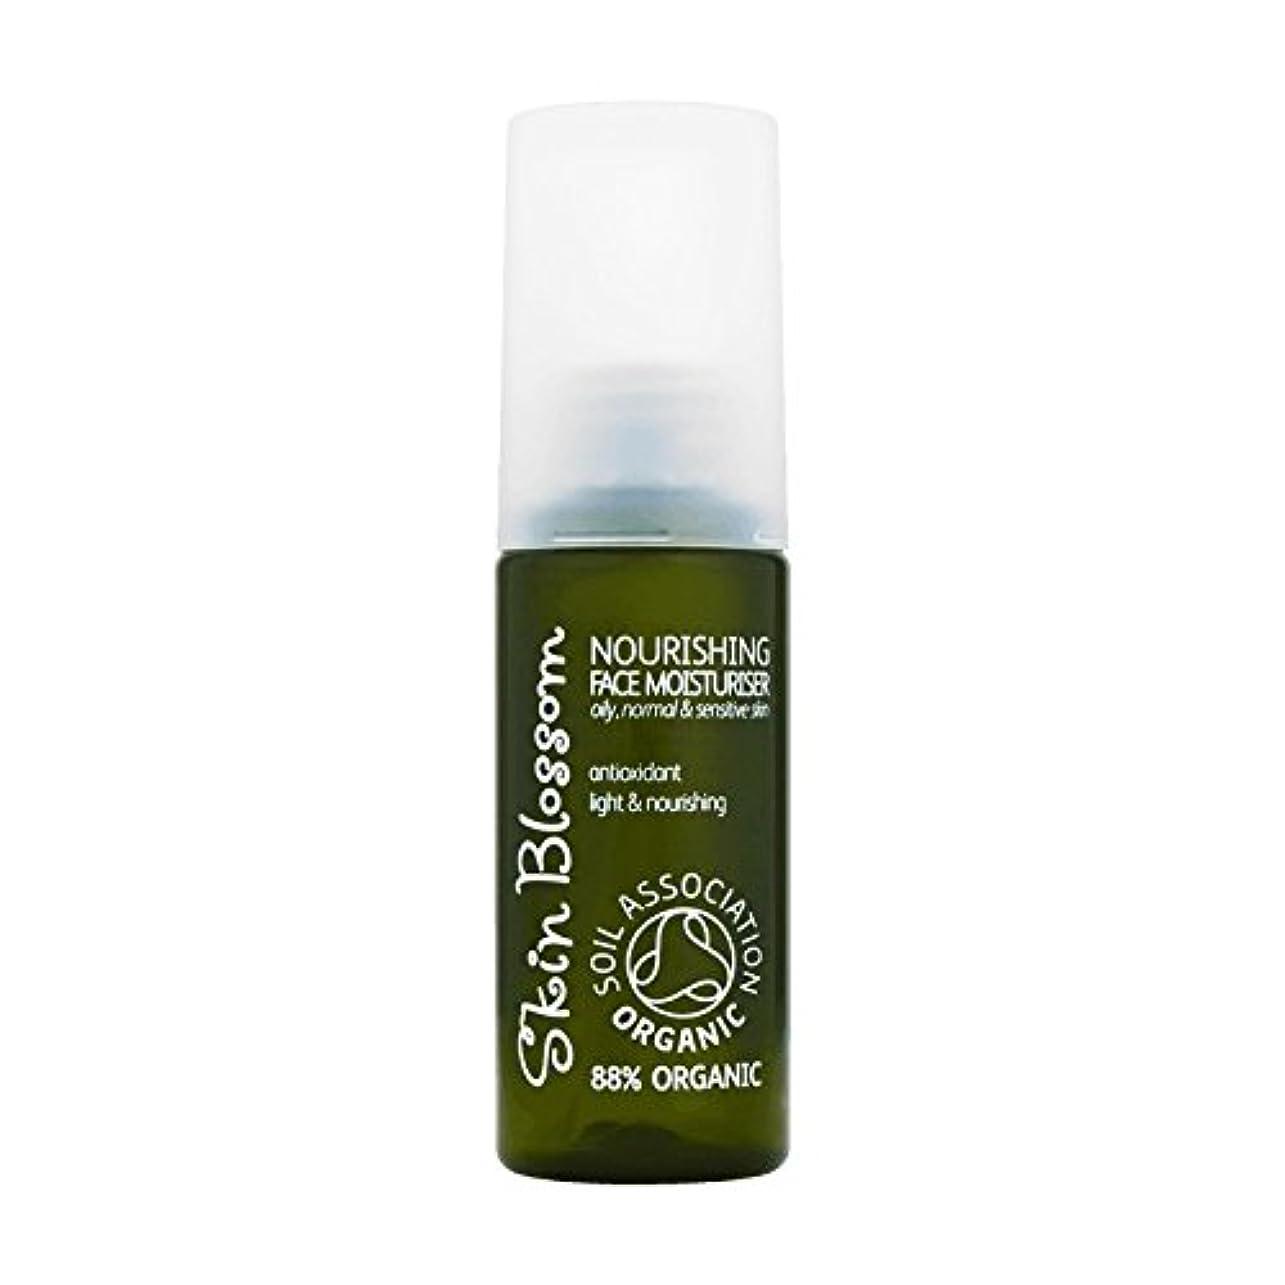 発見法王塩辛いSkin Blossom Nourishing Face Moisturiser 50ml (Pack of 6) - 皮膚の花栄養顔の保湿クリーム50Ml (x6) [並行輸入品]